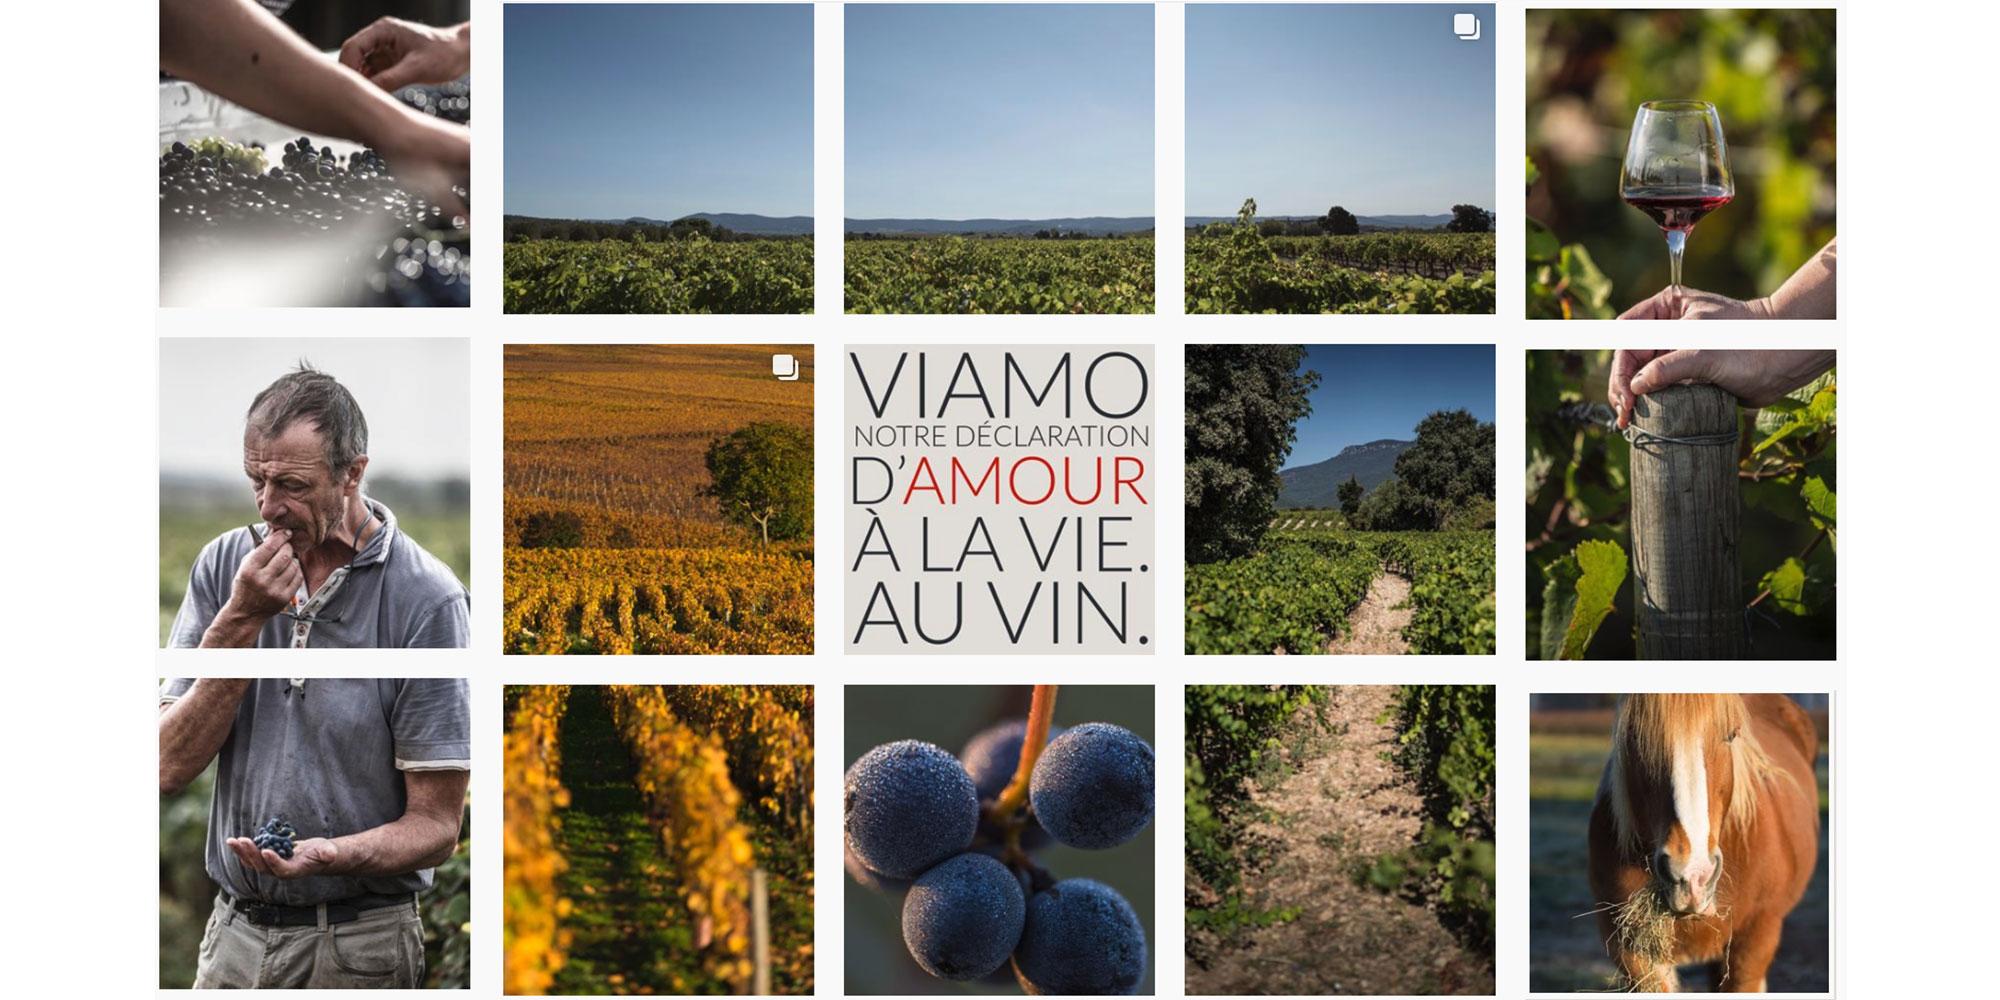 Viamo.fr | Le club pour épicuriens modernes